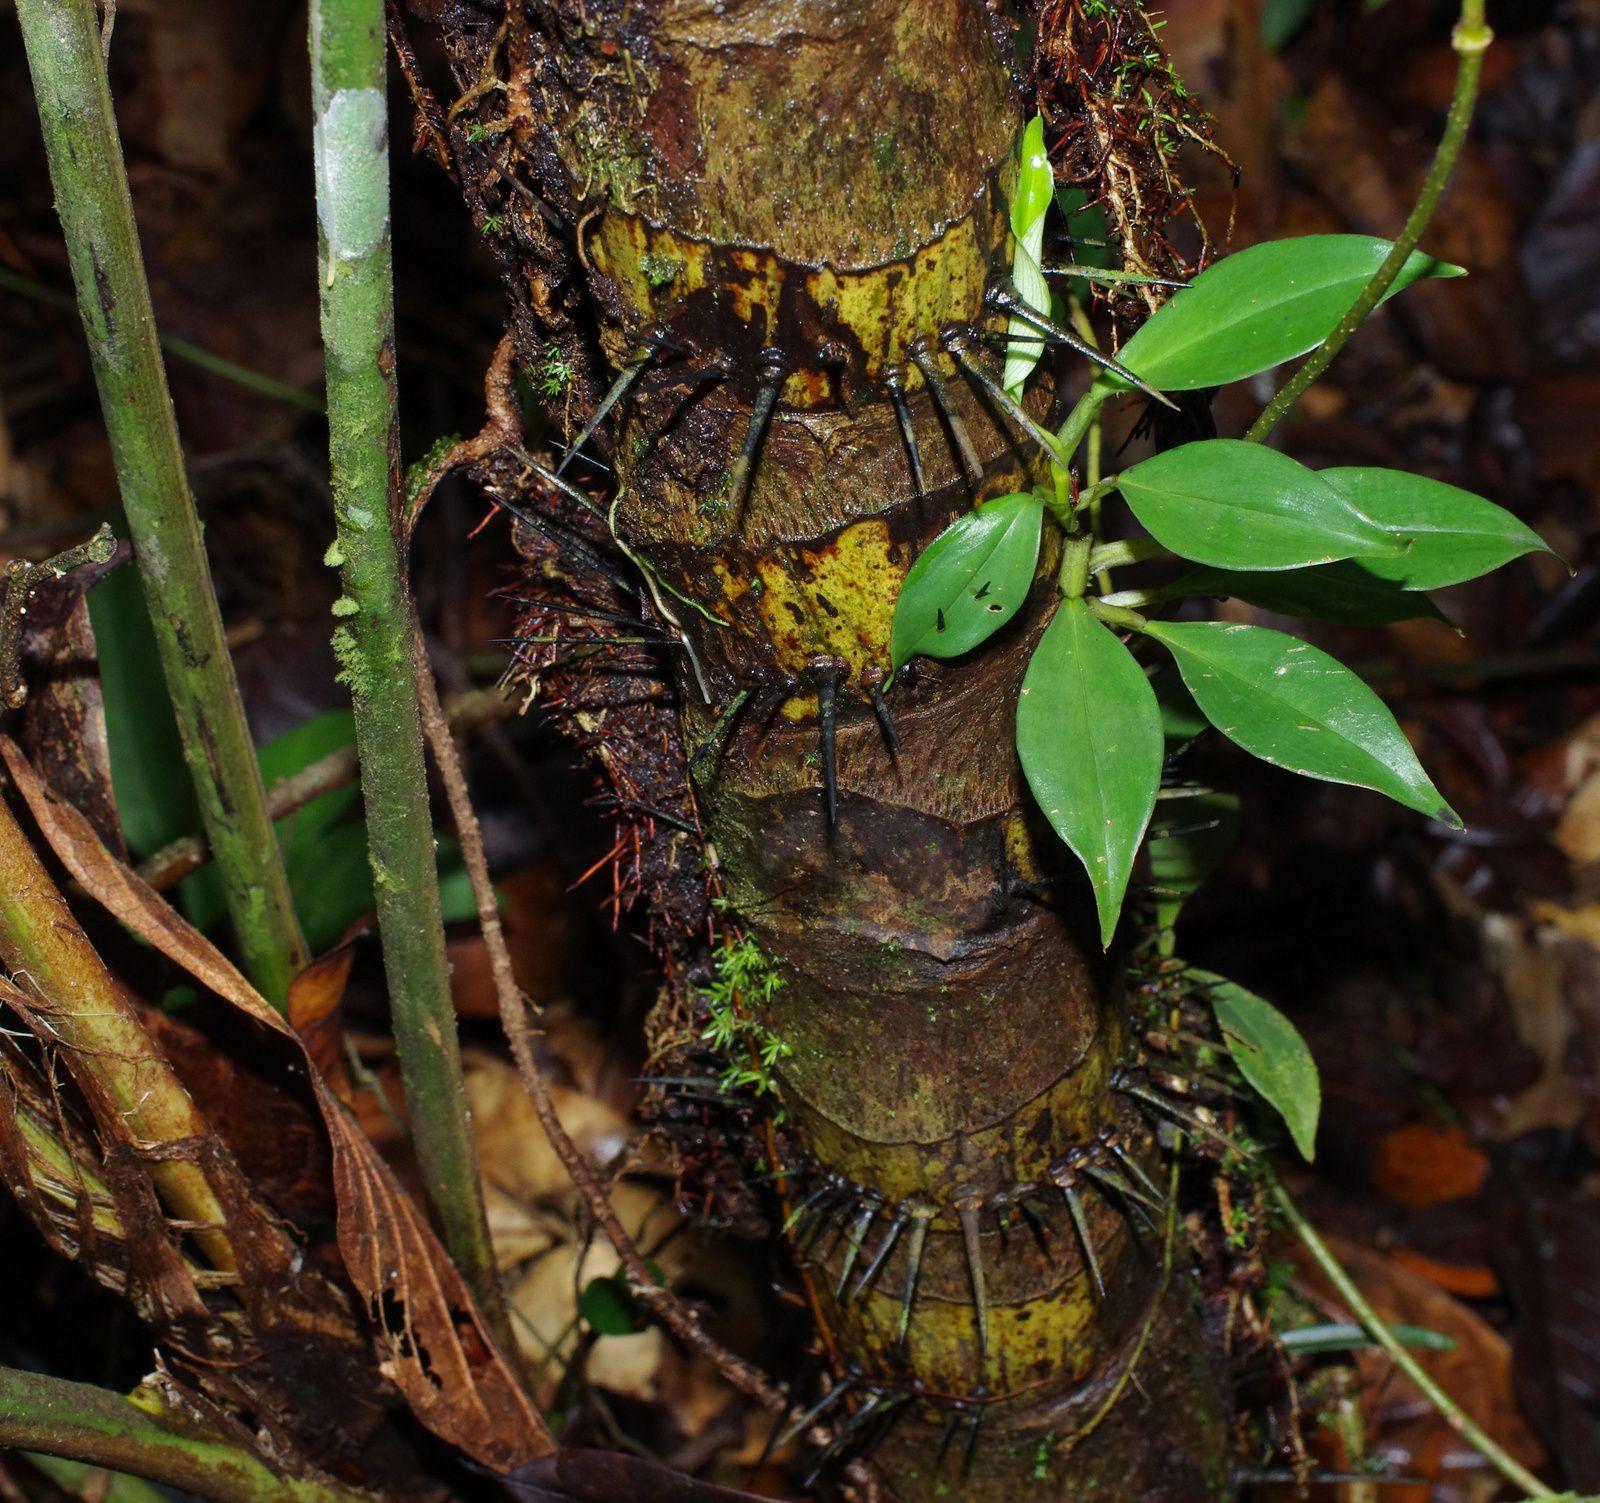 Bactris pliniana